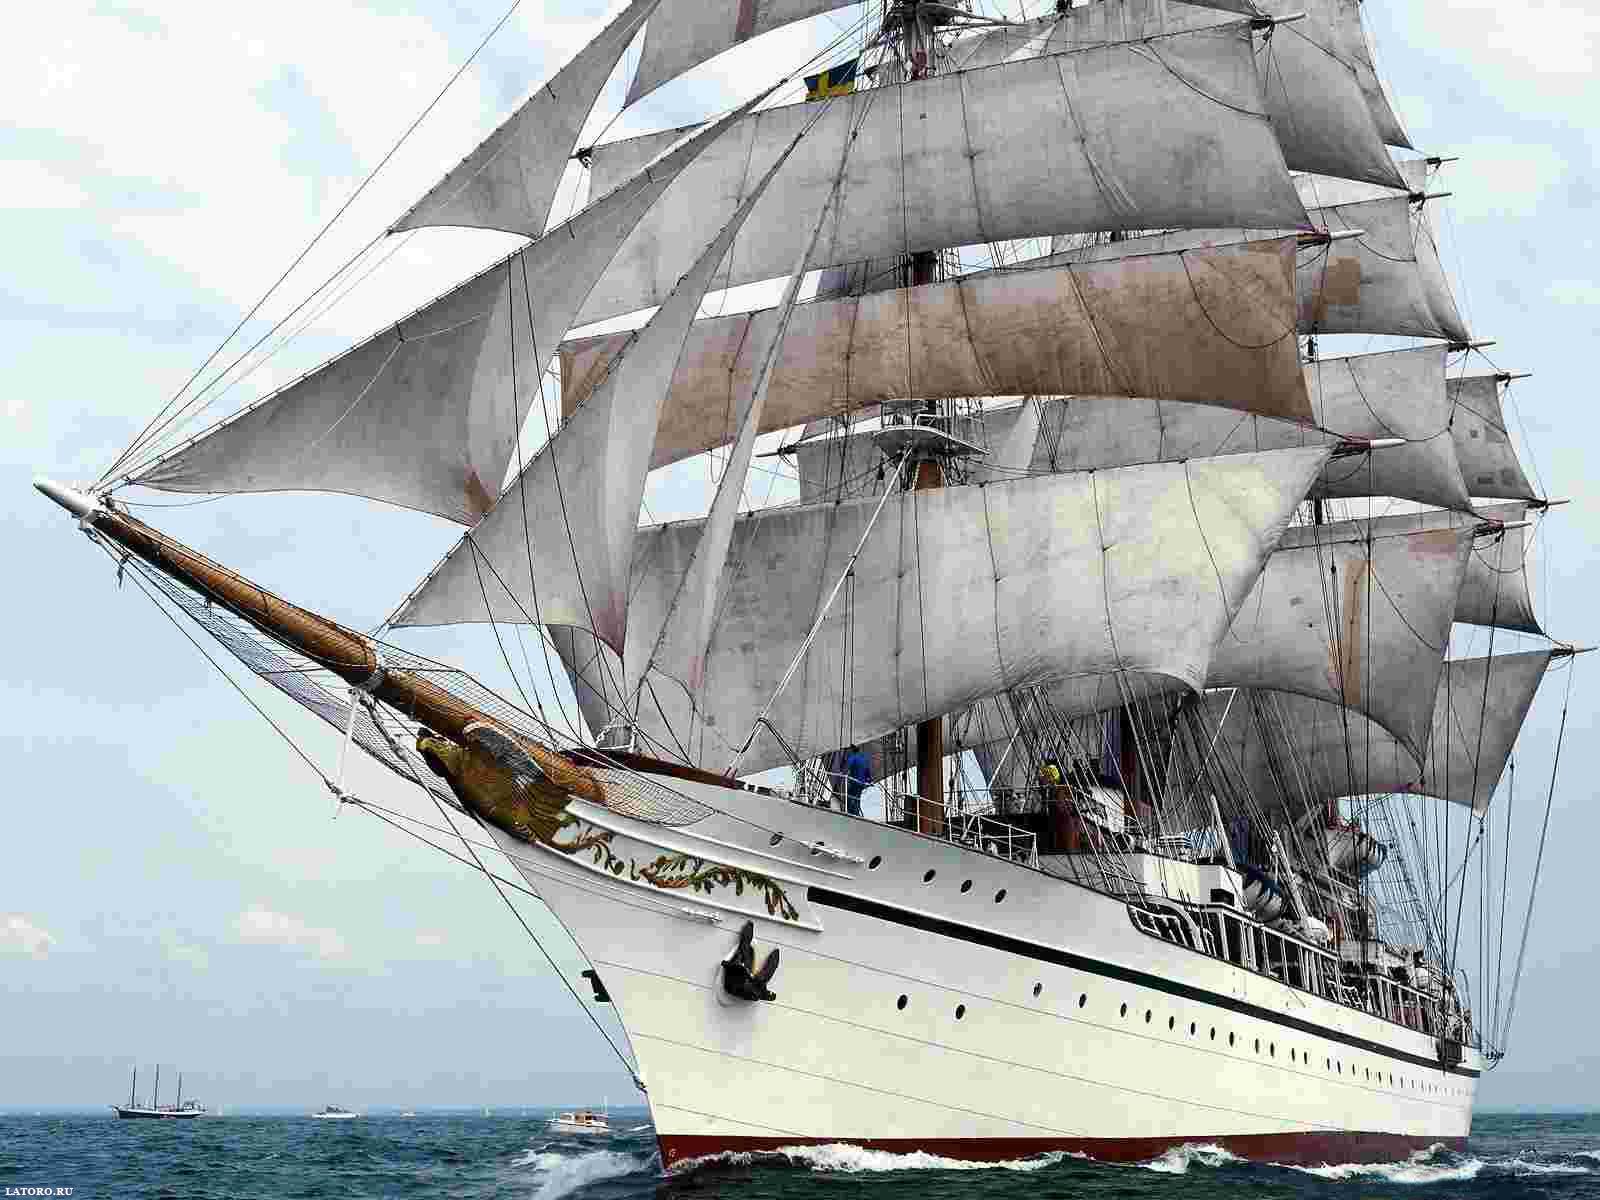 Белый корабль с парусами в море, парусник, фрегат